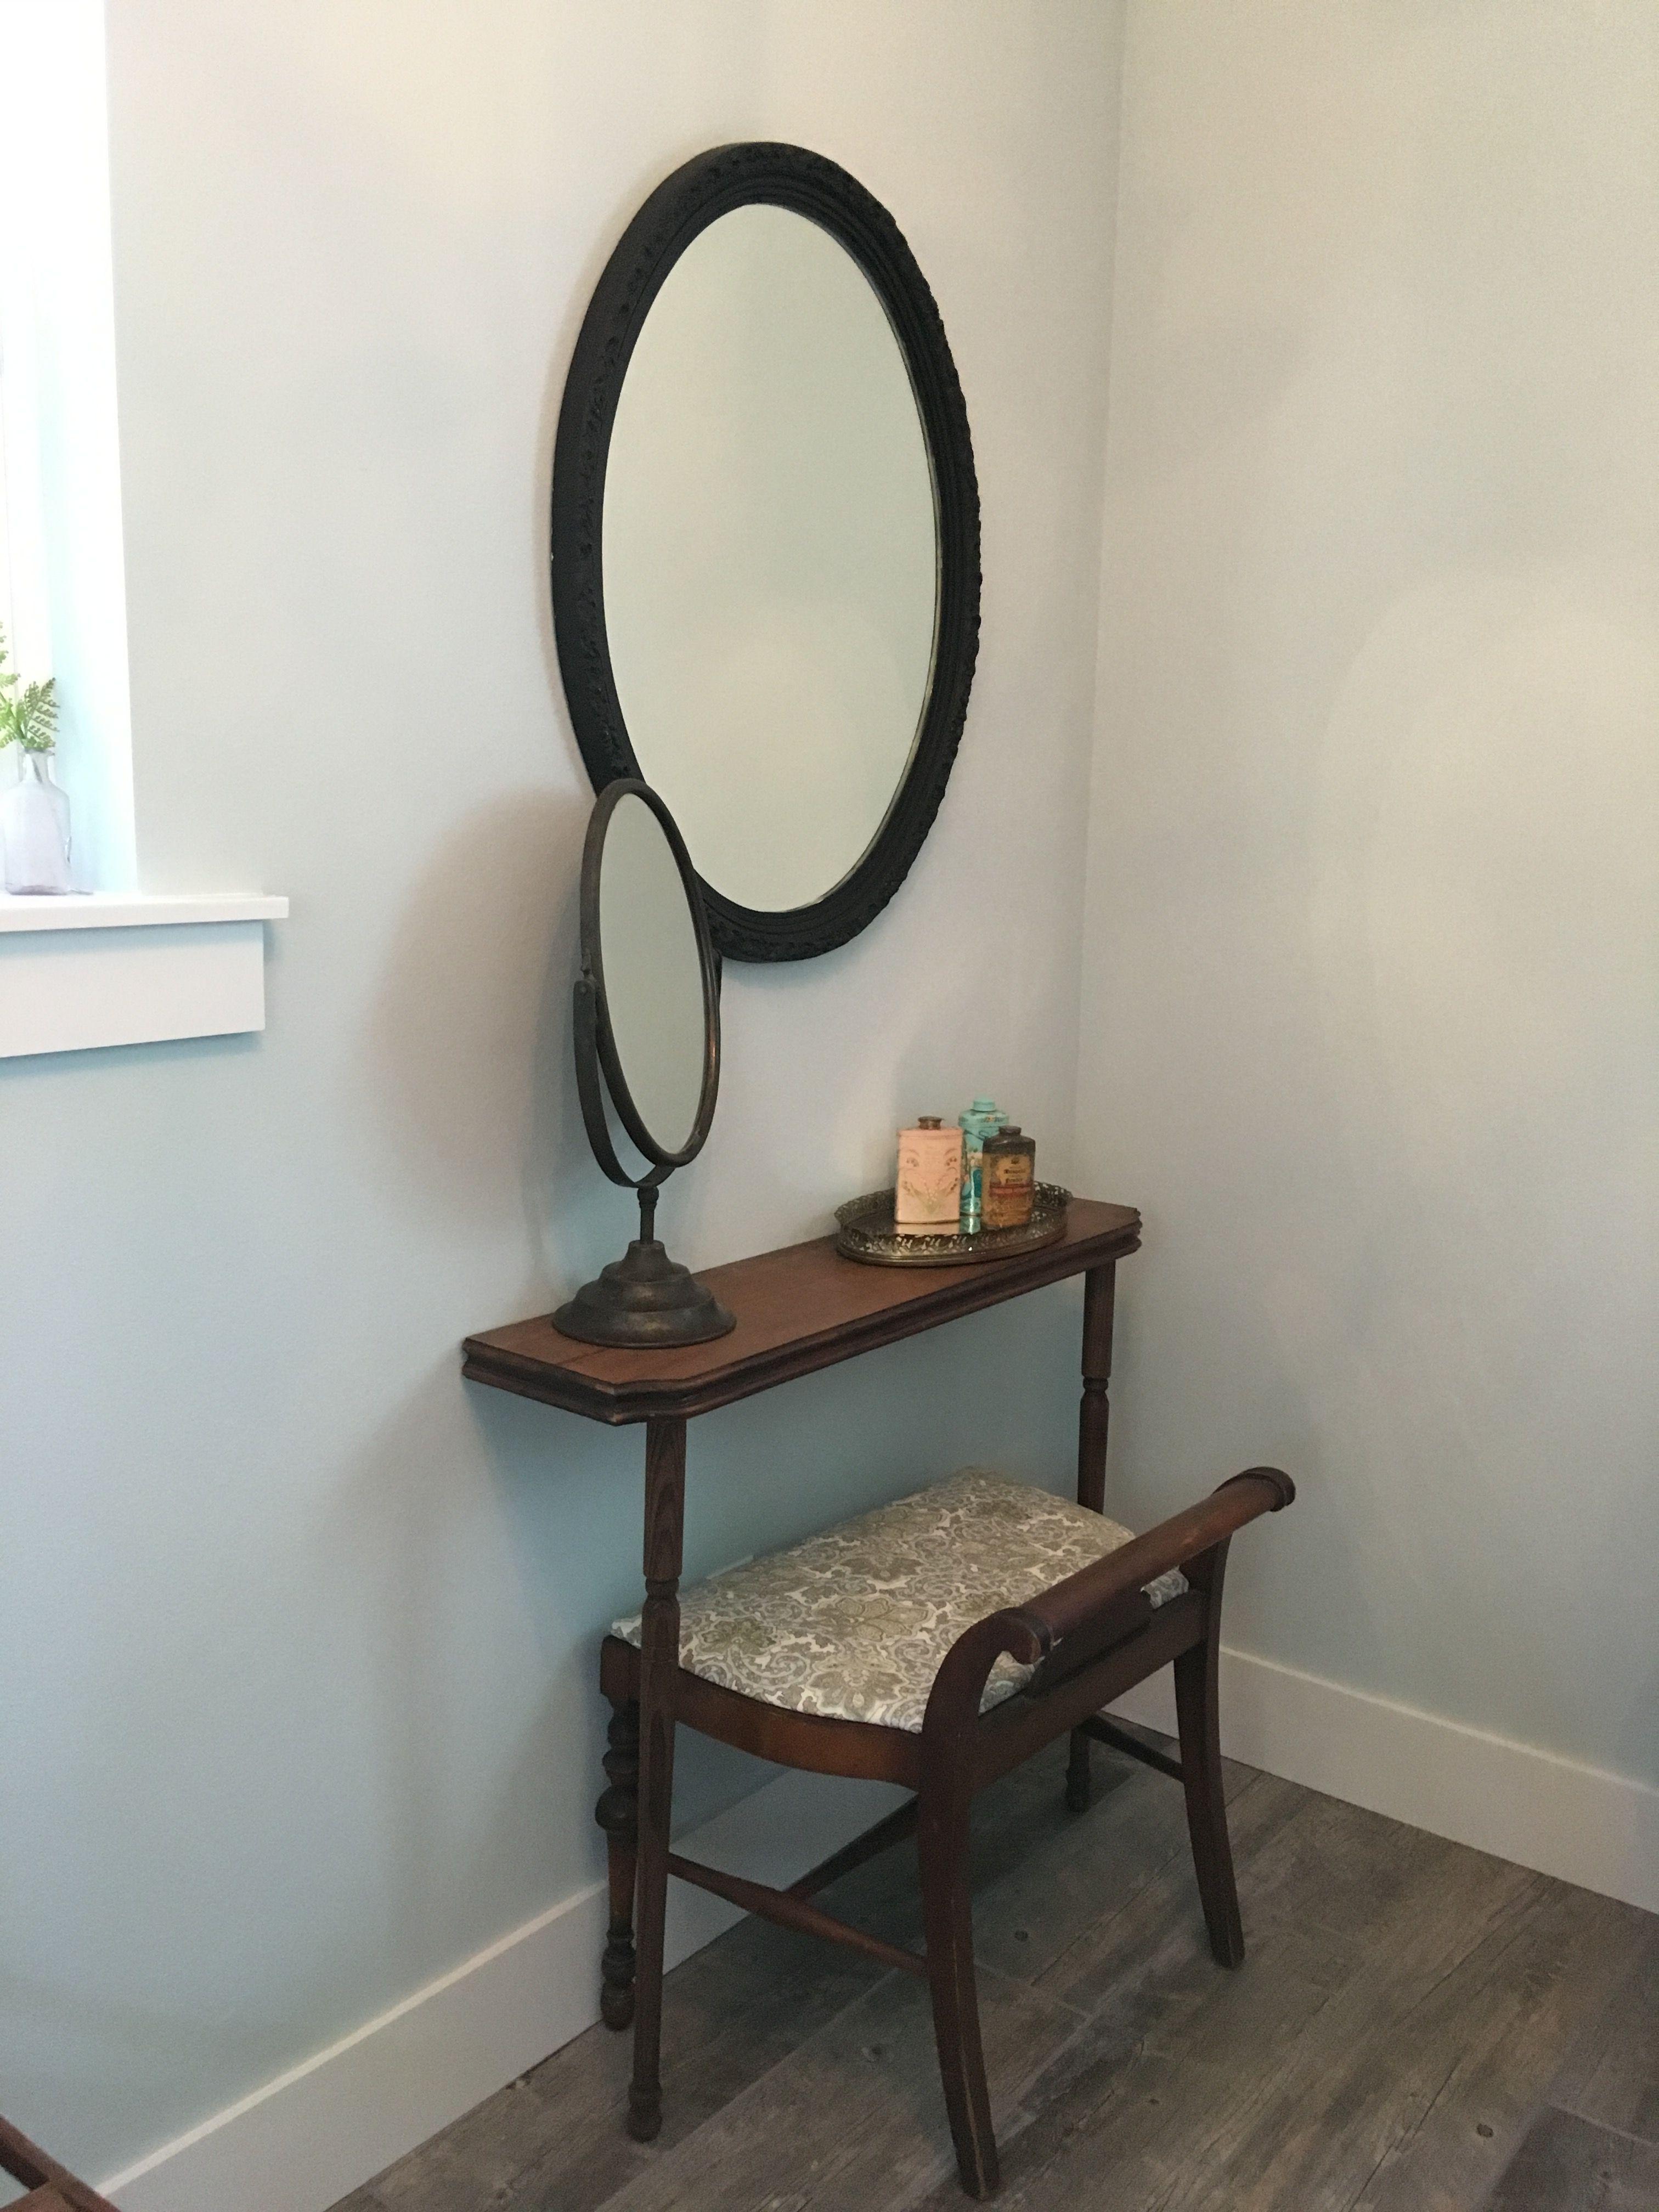 One Shelf Add Legs